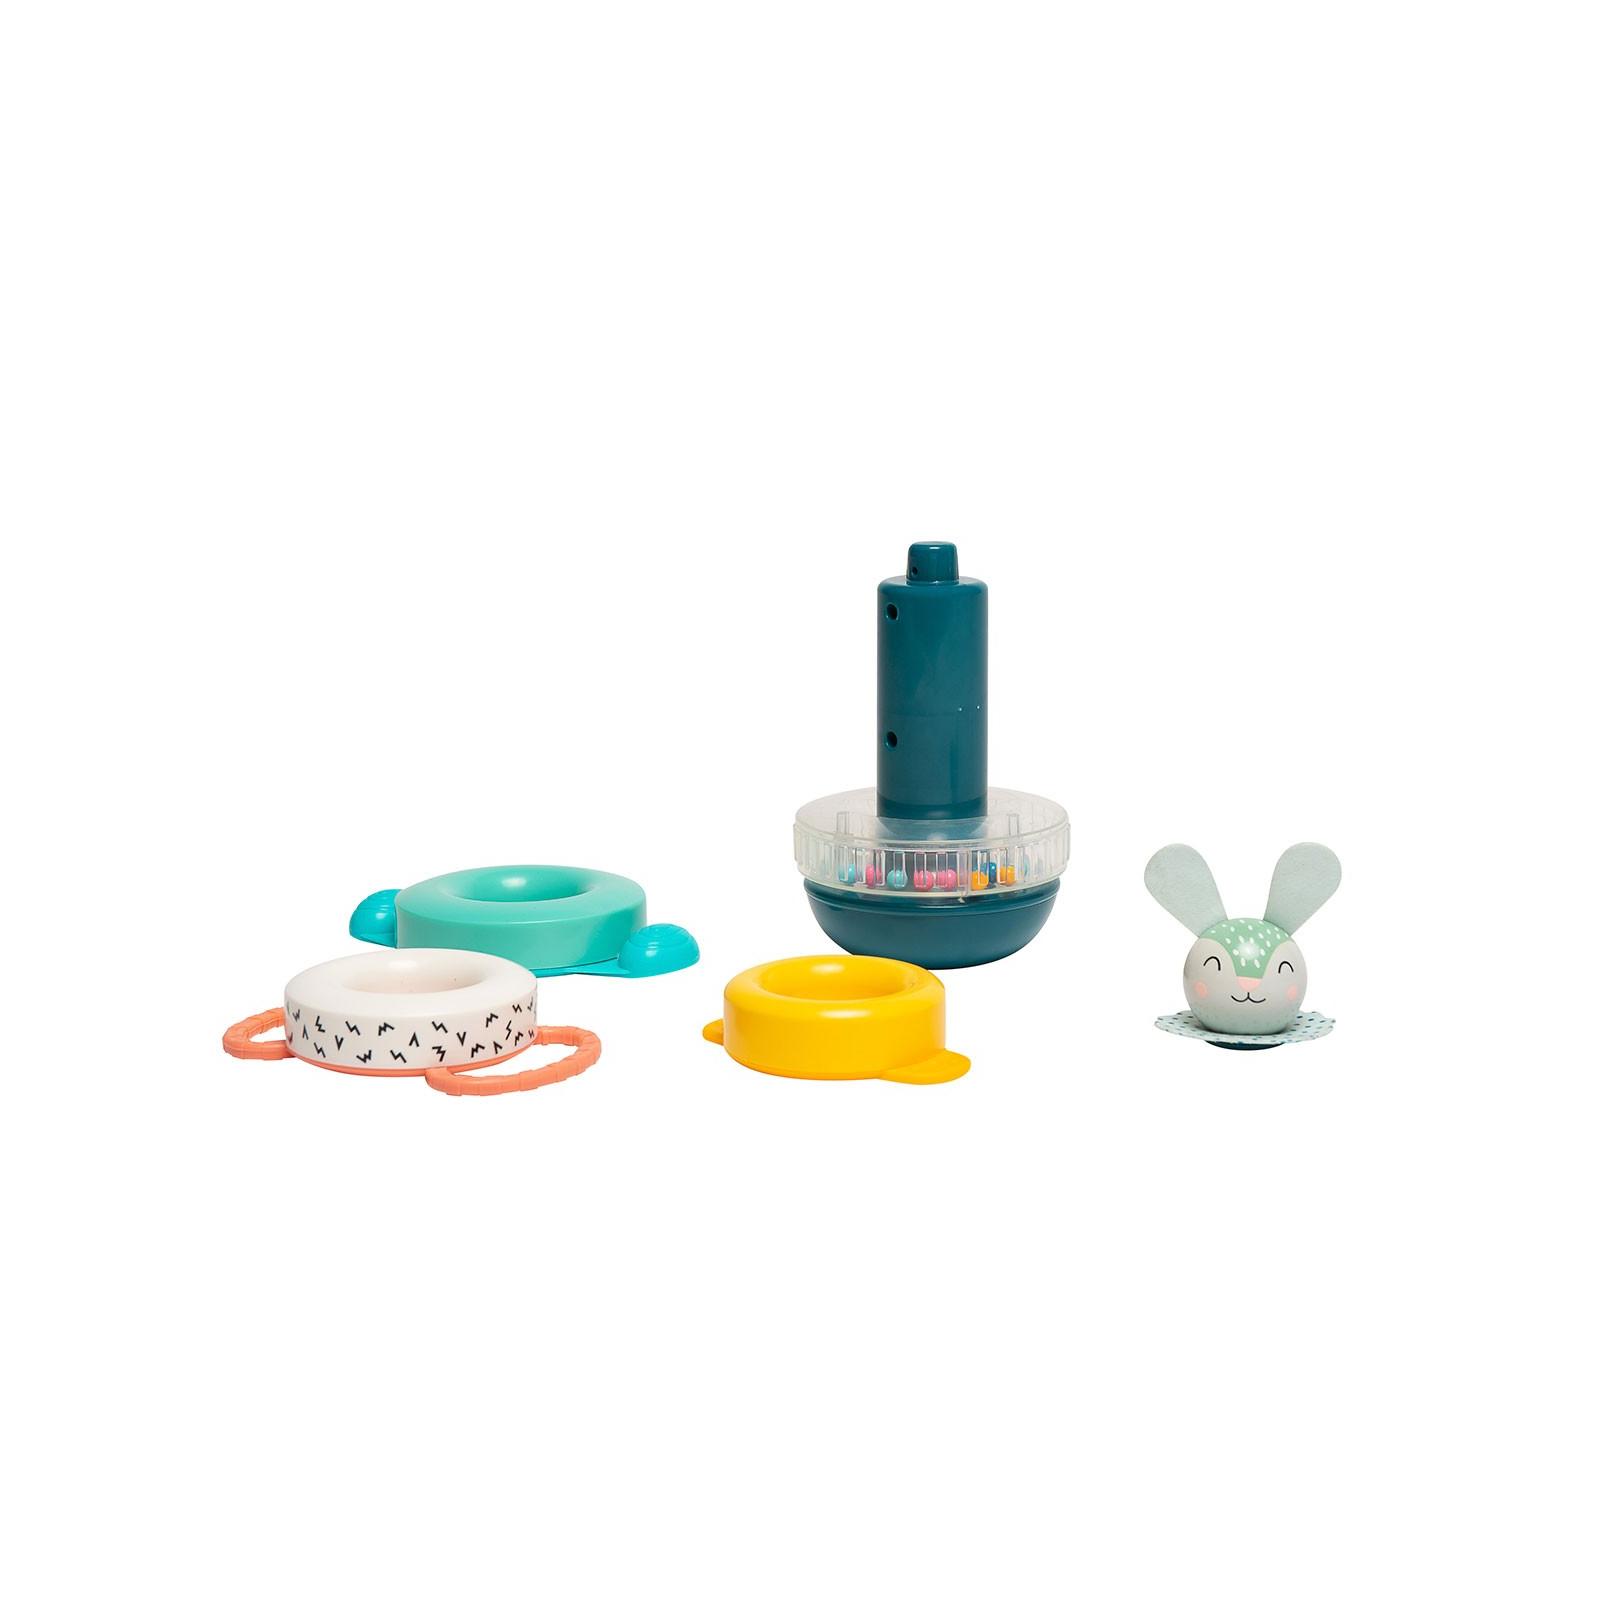 Развивающая игрушка Taf Toys пирамидка Кролик коллекция Полярное сияние (12445) изображение 2